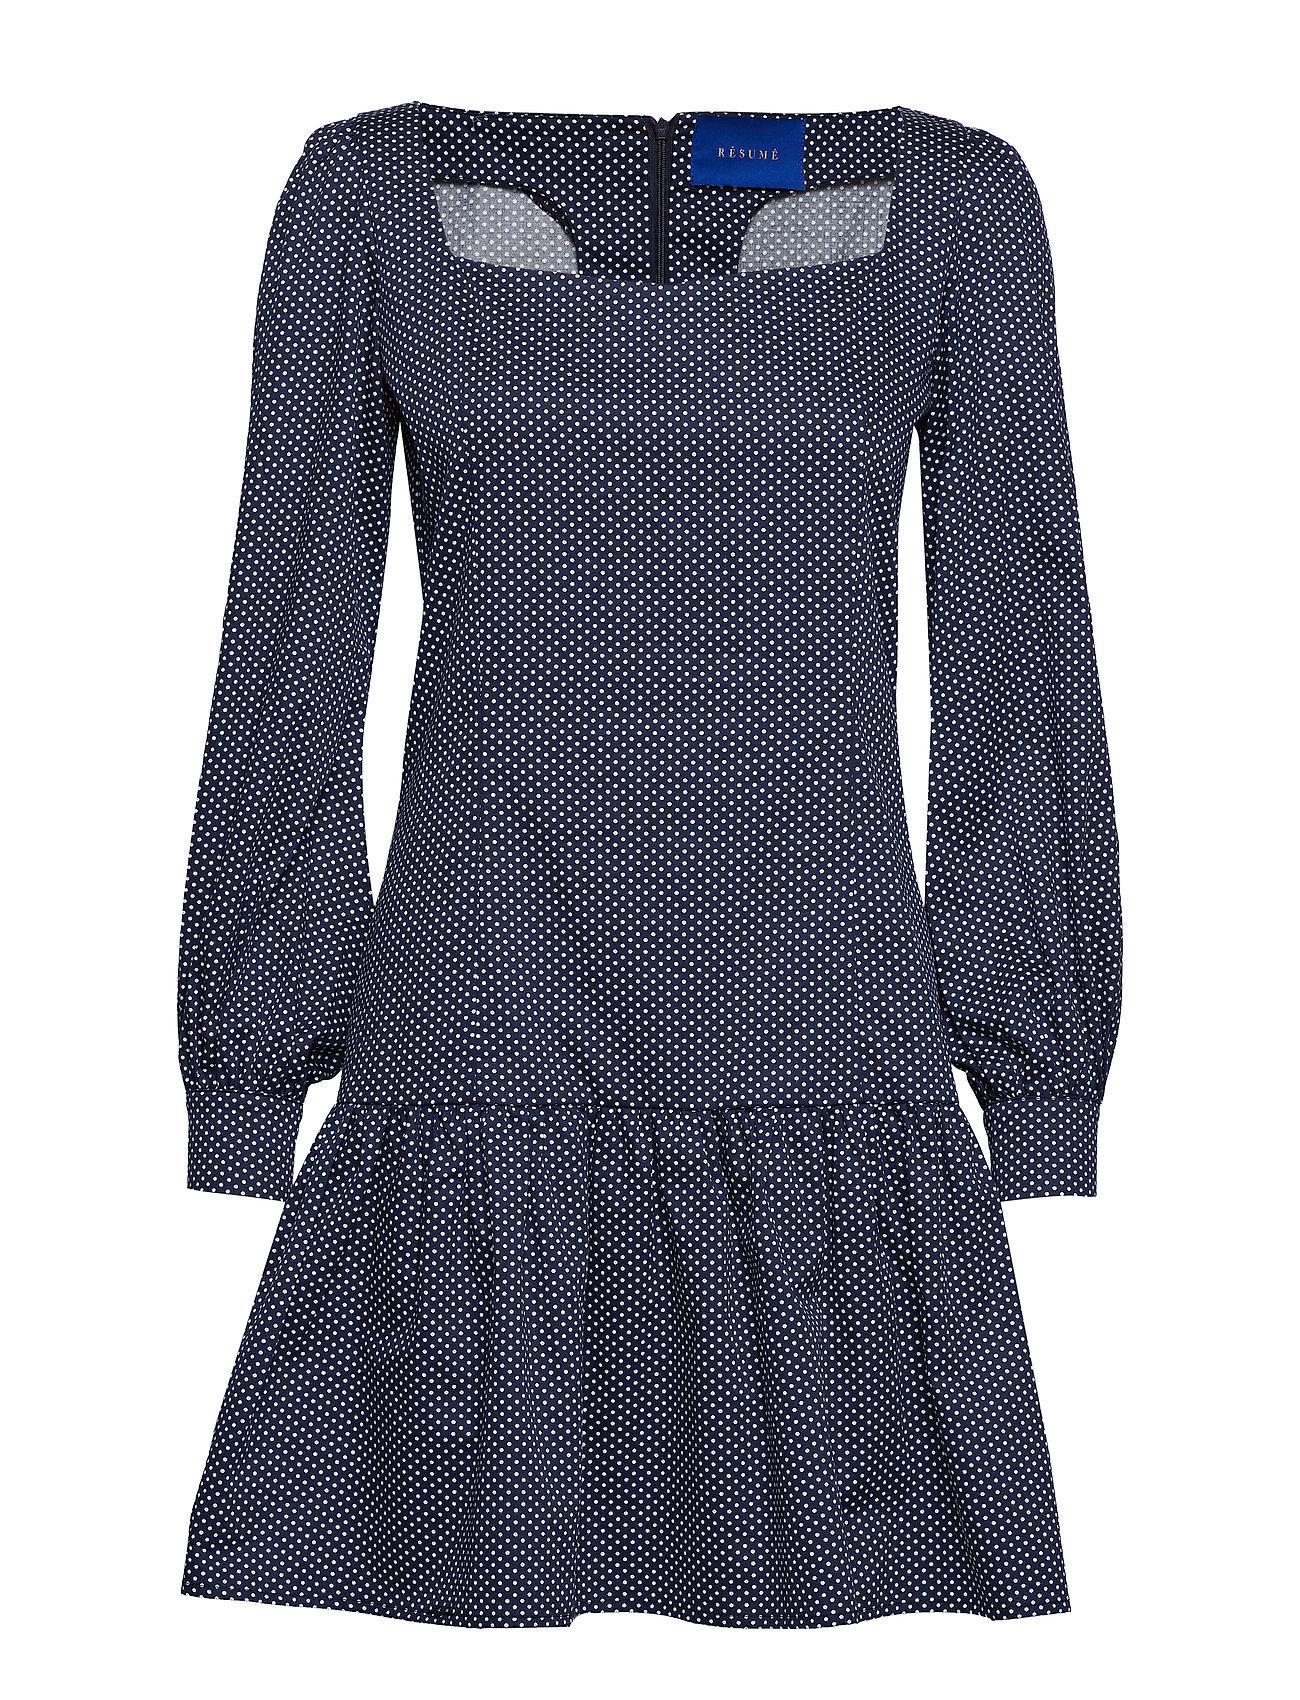 Résumé Montana dress - NAVY